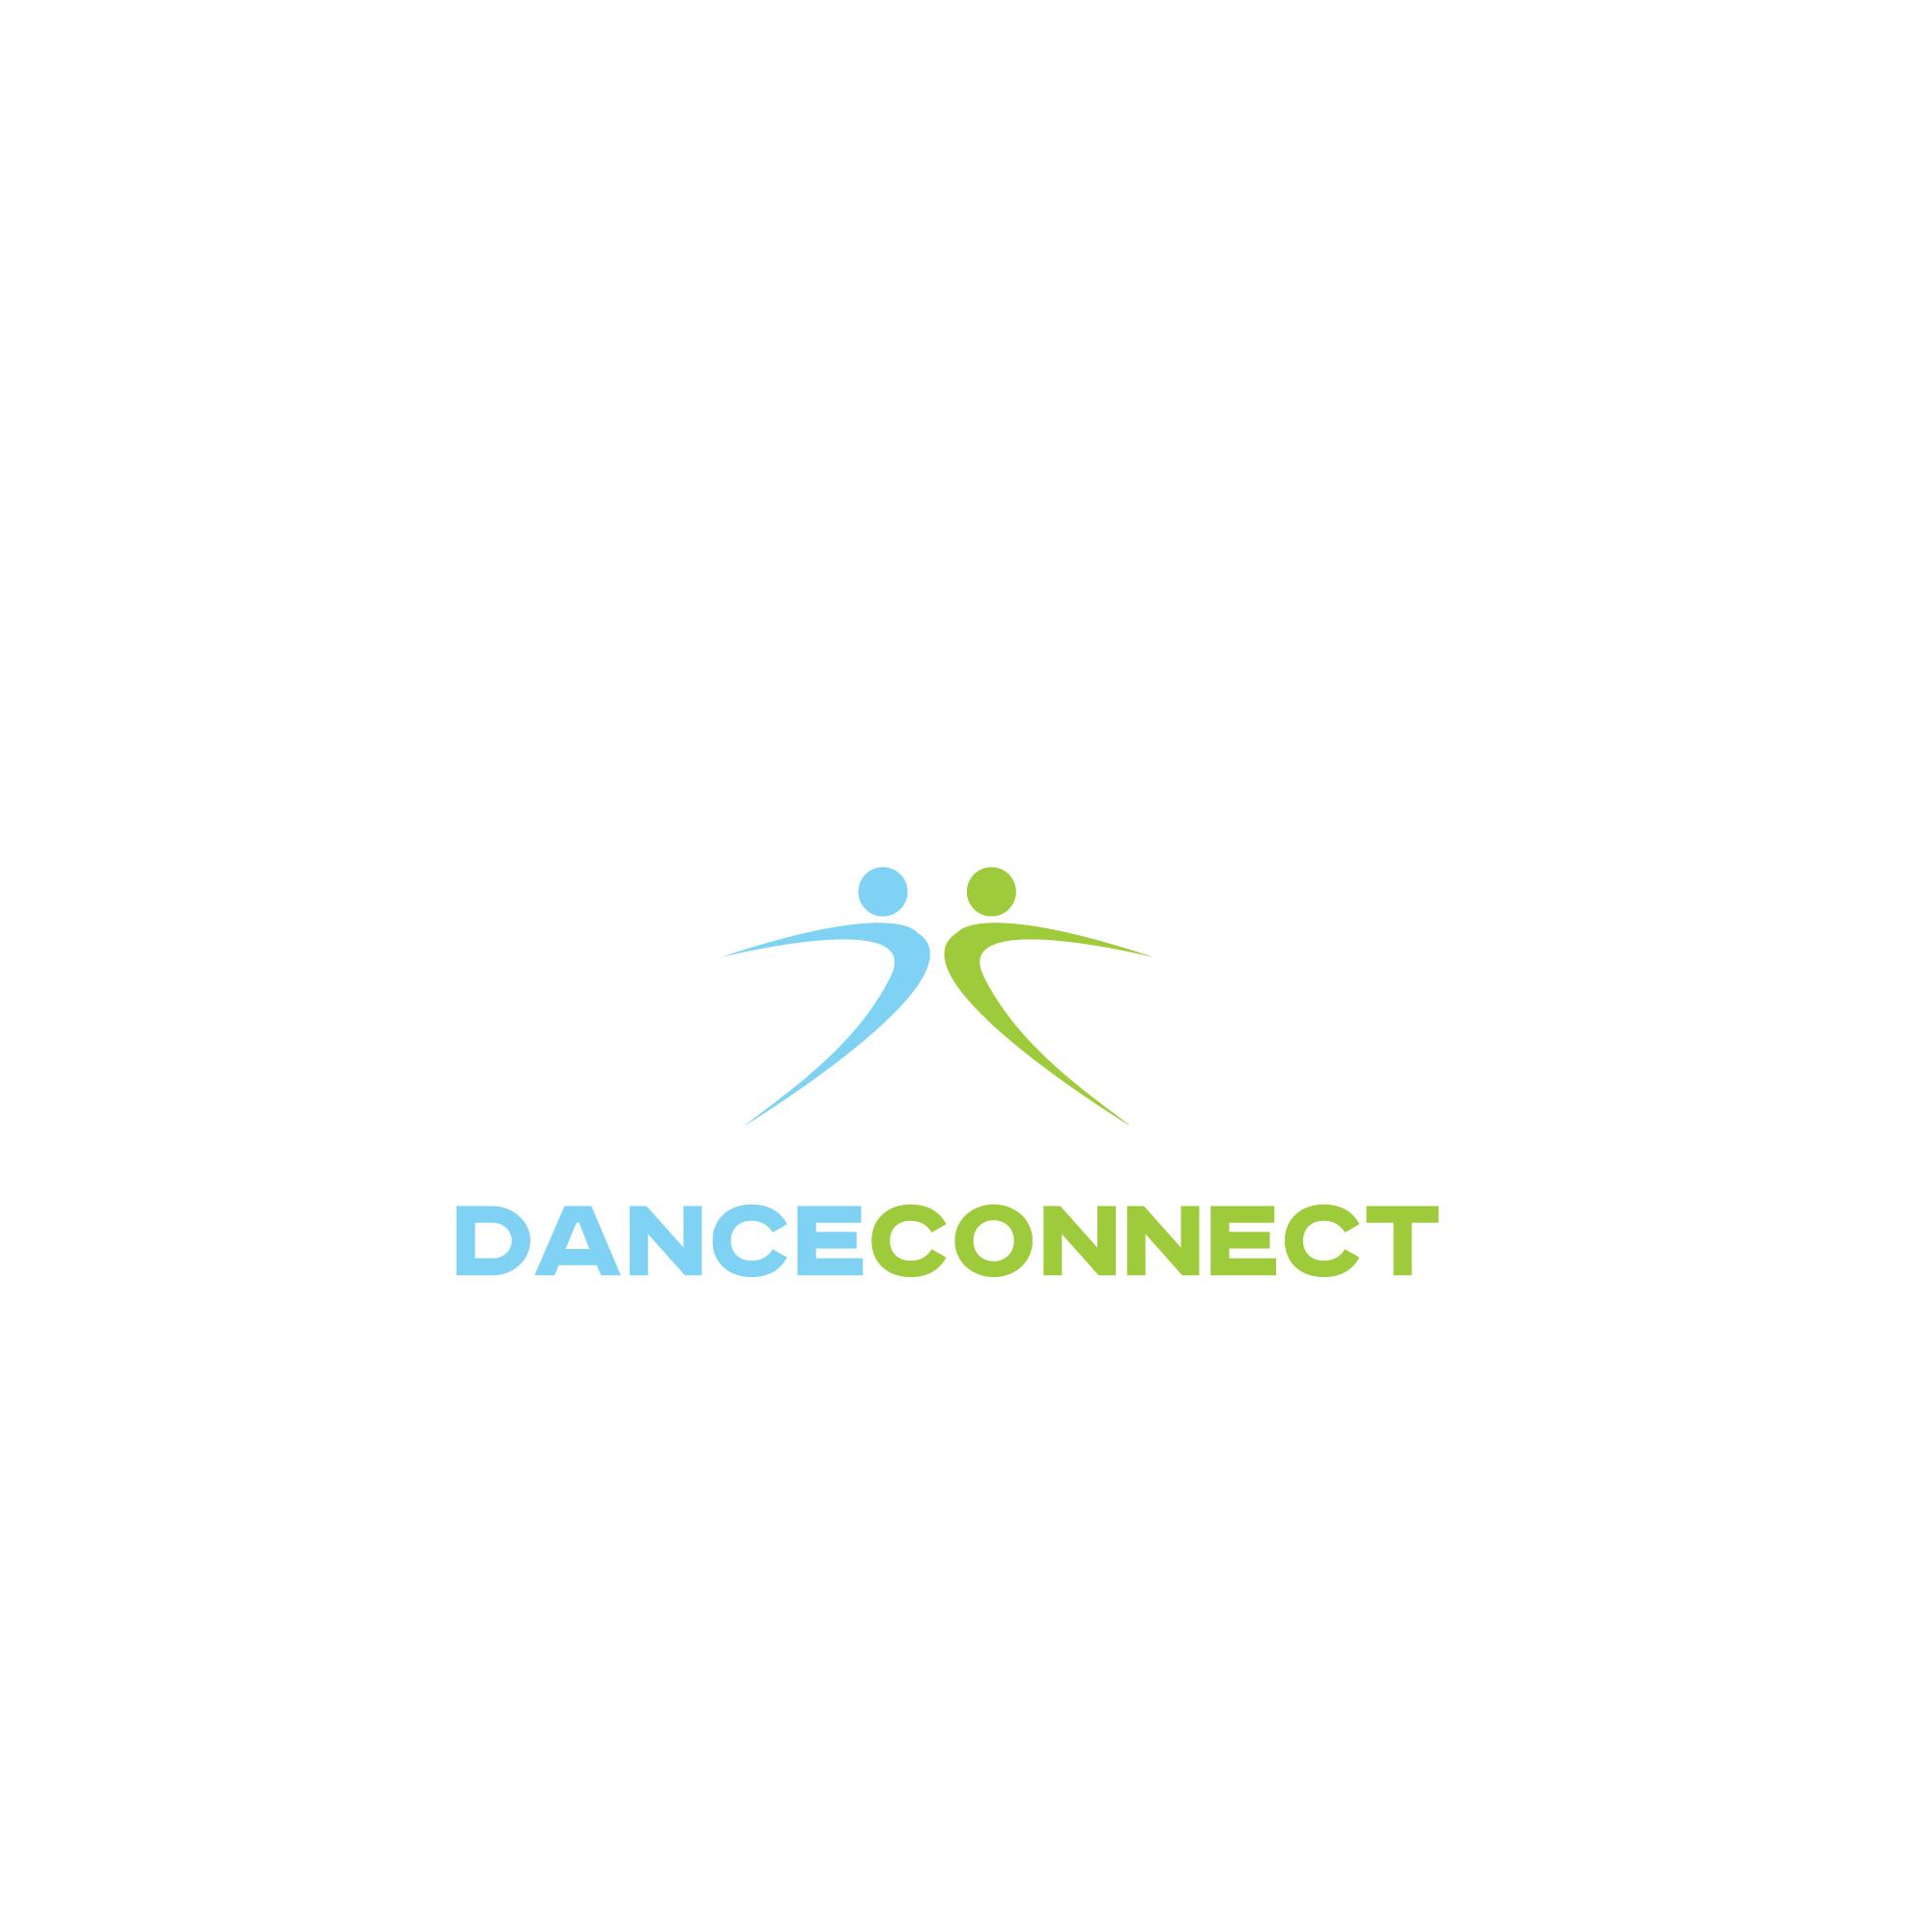 Разработка лого для спортивного портала www.danceconnect.ru фото f_1815b43780925ffa.jpg